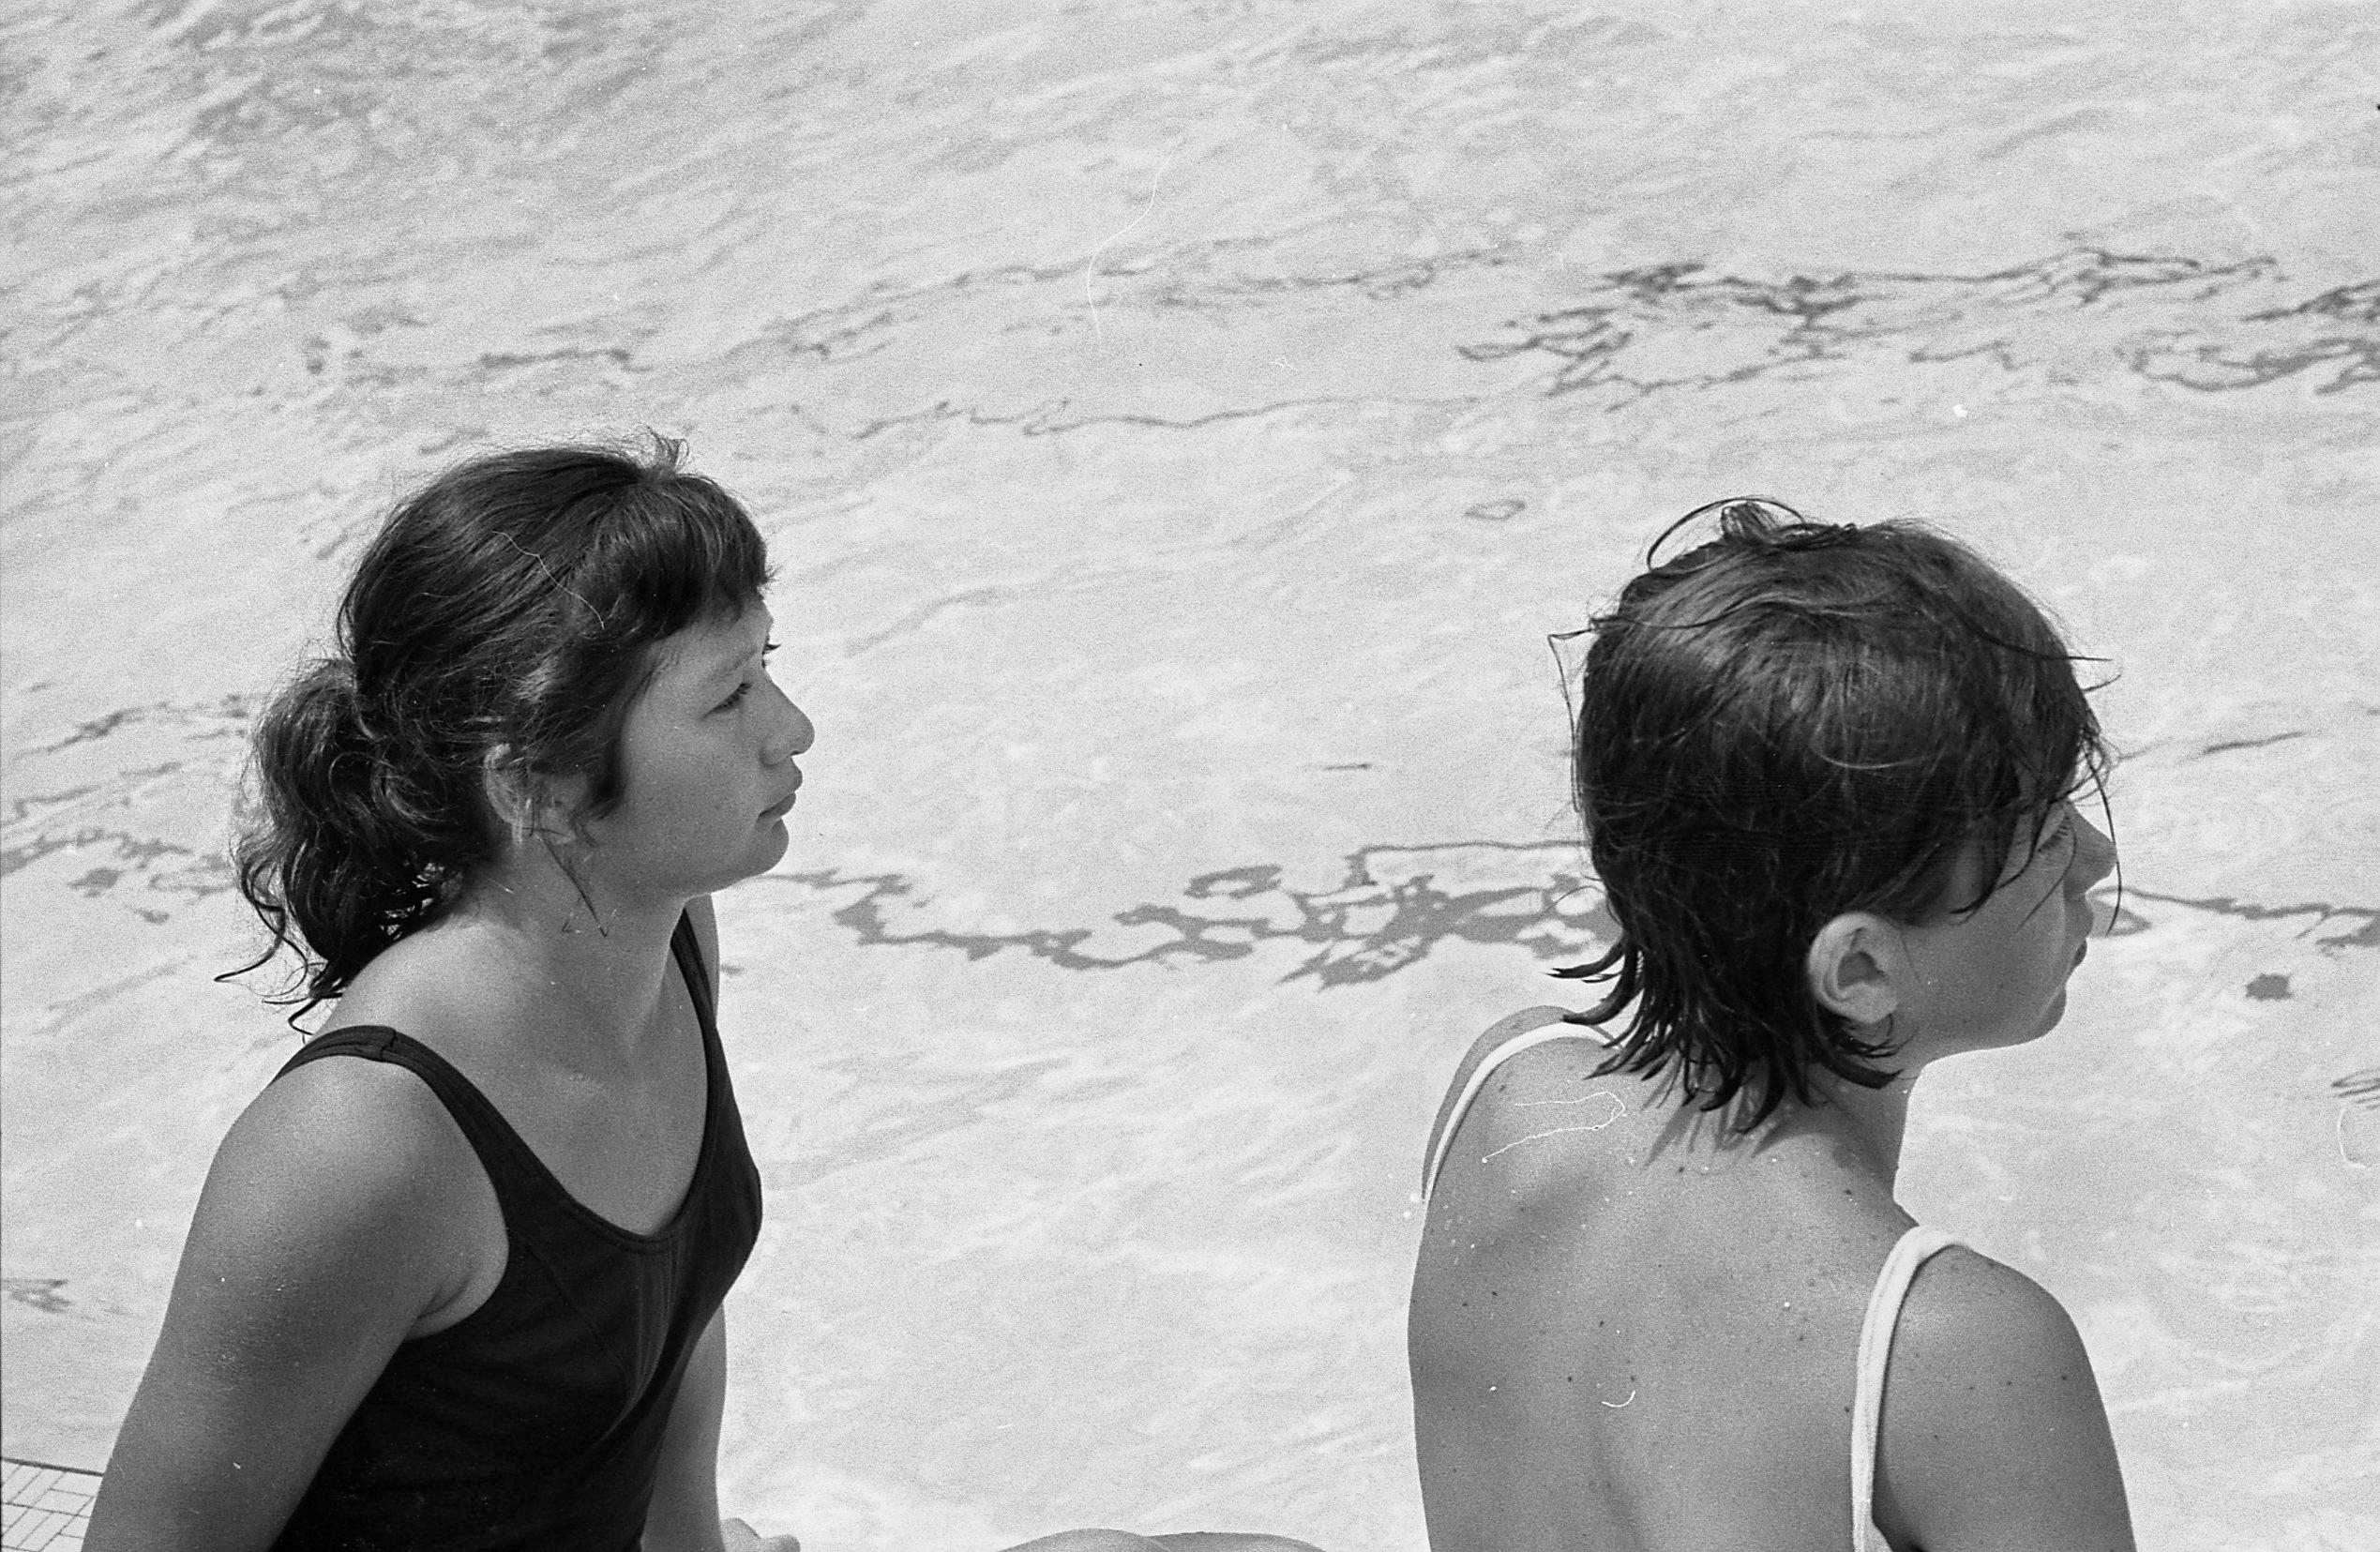 Swimming-sports-6.jpeg